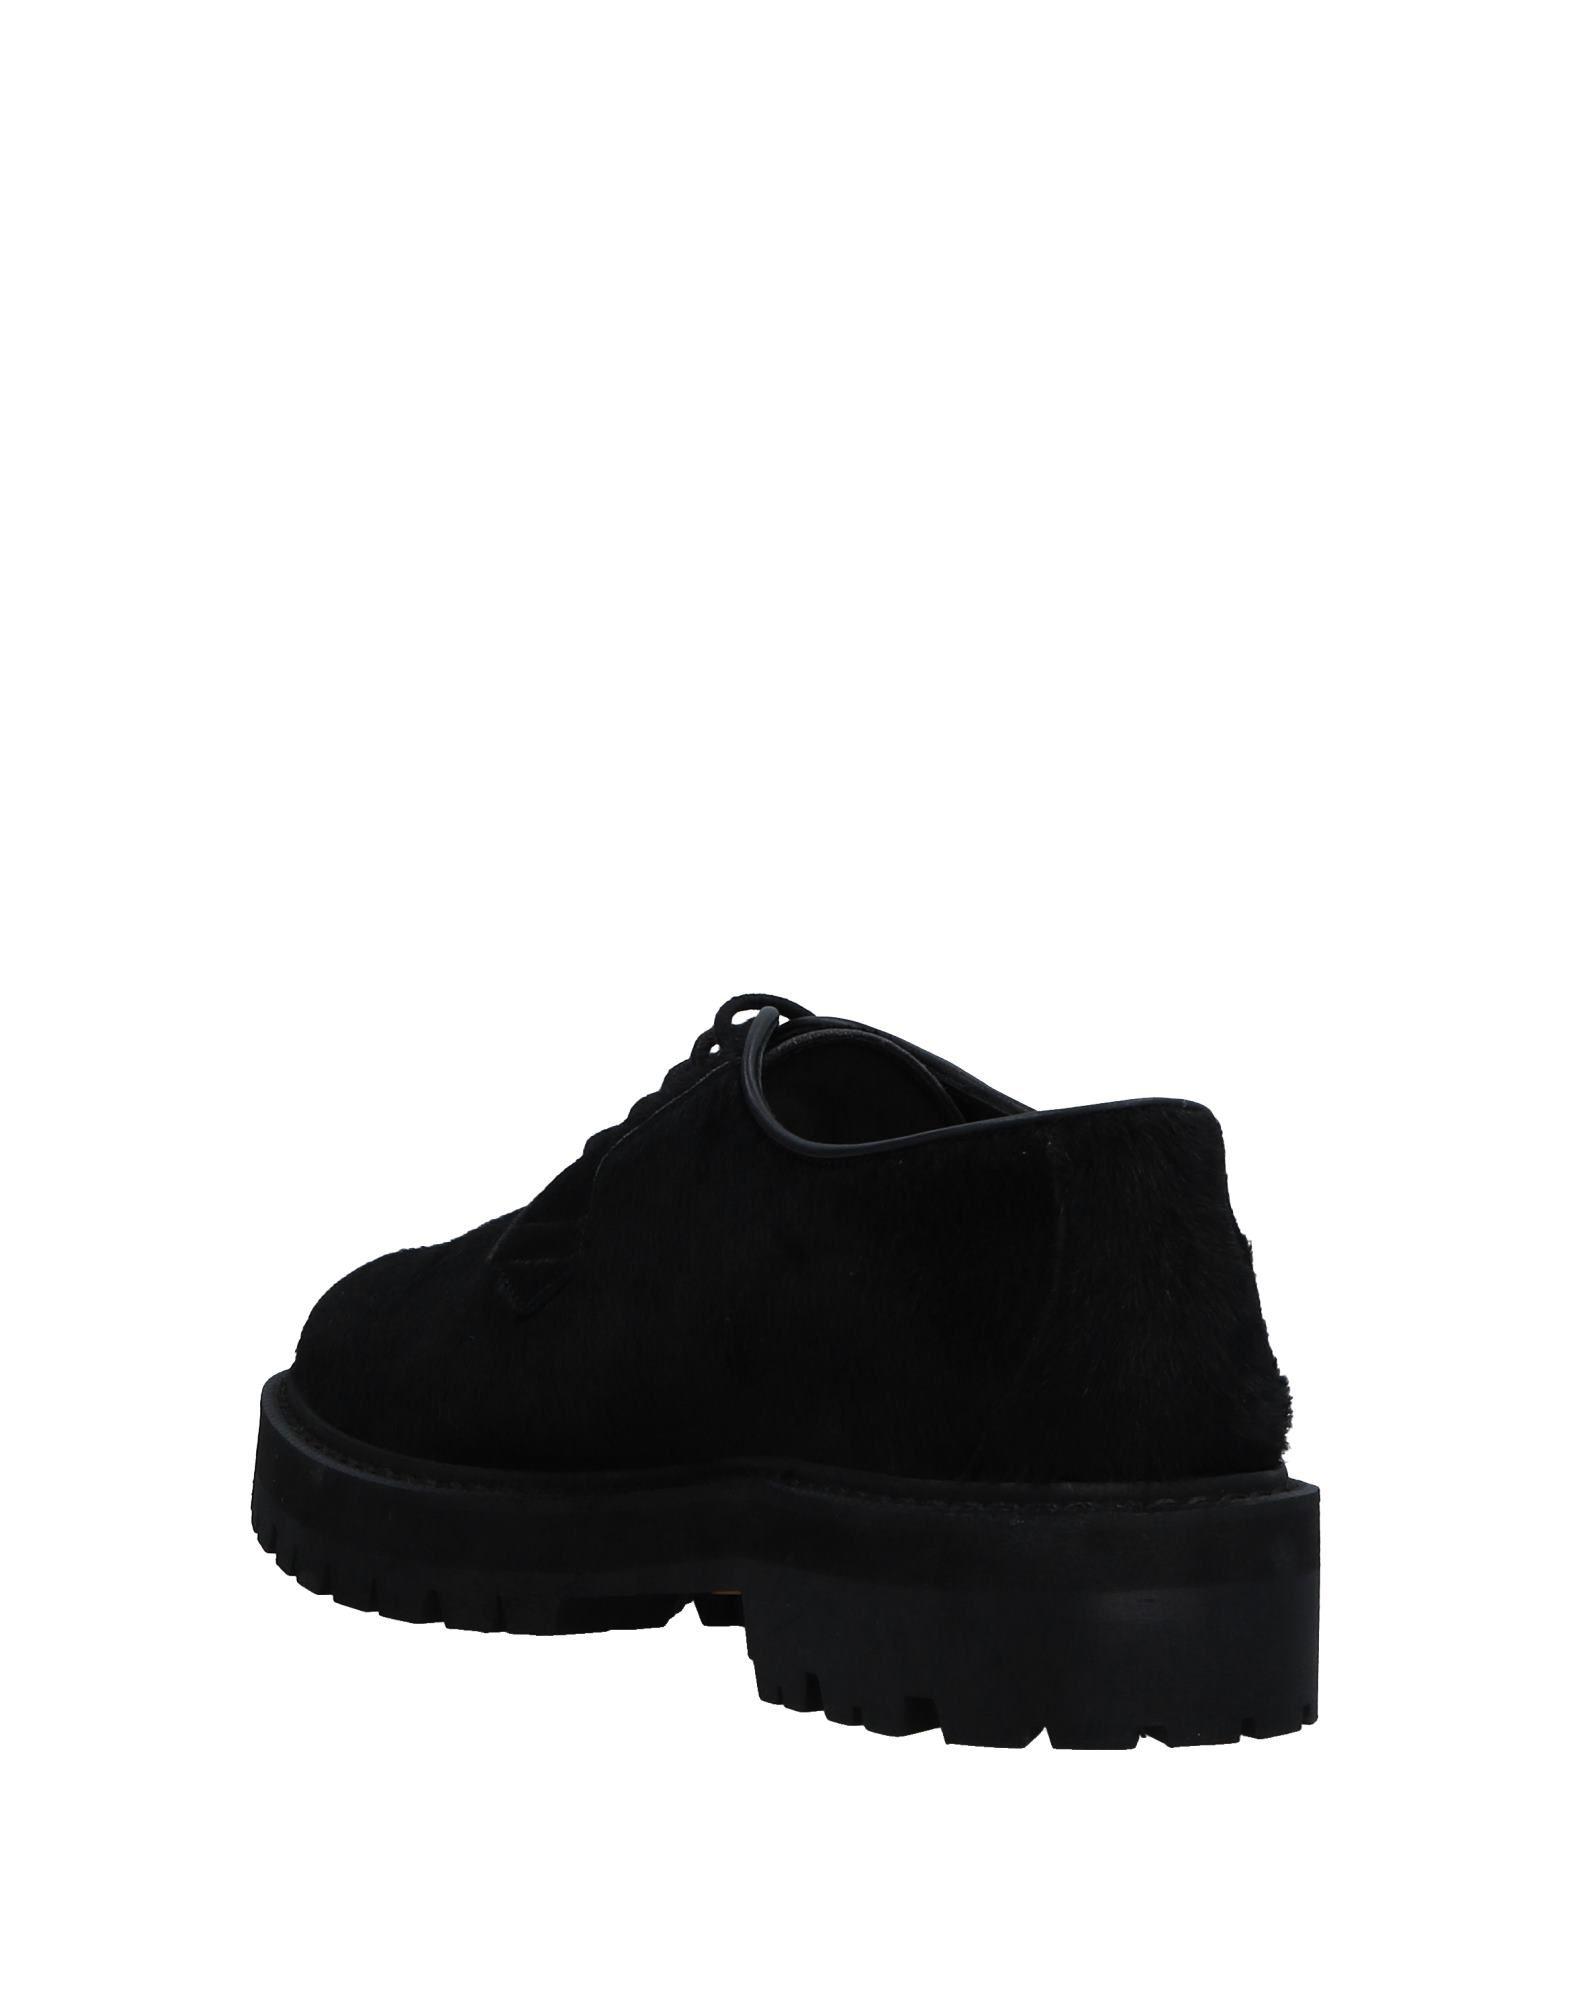 Leather Crown Schnürschuhe Qualität Herren  11308700RM Gute Qualität Schnürschuhe beliebte Schuhe e48248